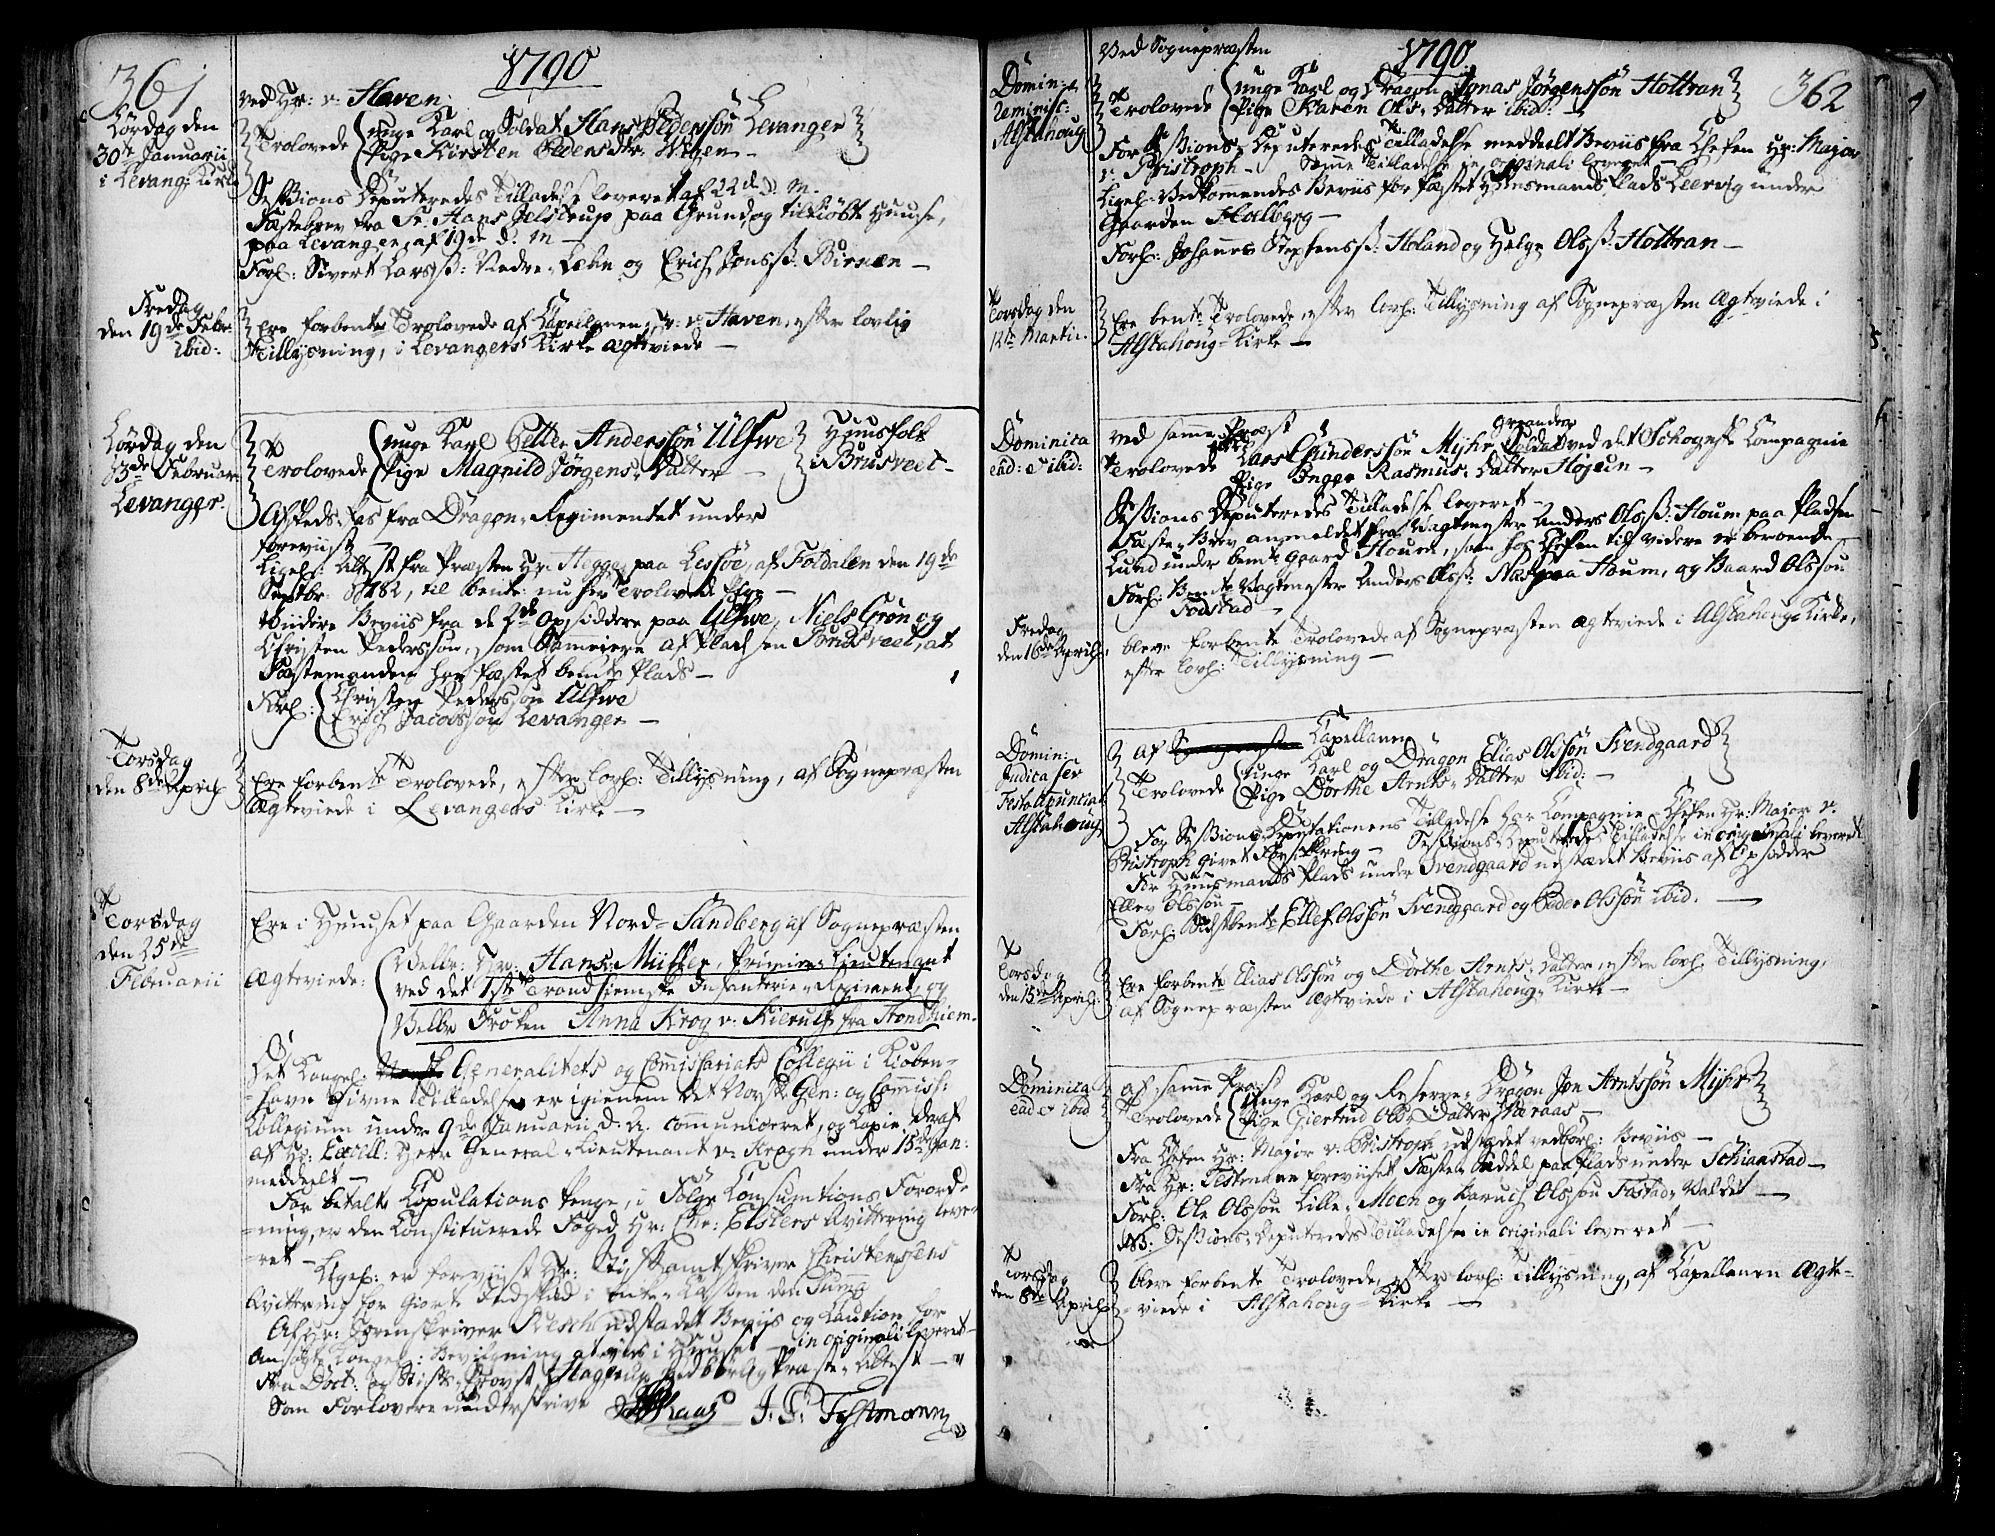 SAT, Ministerialprotokoller, klokkerbøker og fødselsregistre - Nord-Trøndelag, 717/L0141: Ministerialbok nr. 717A01, 1747-1803, s. 361-362